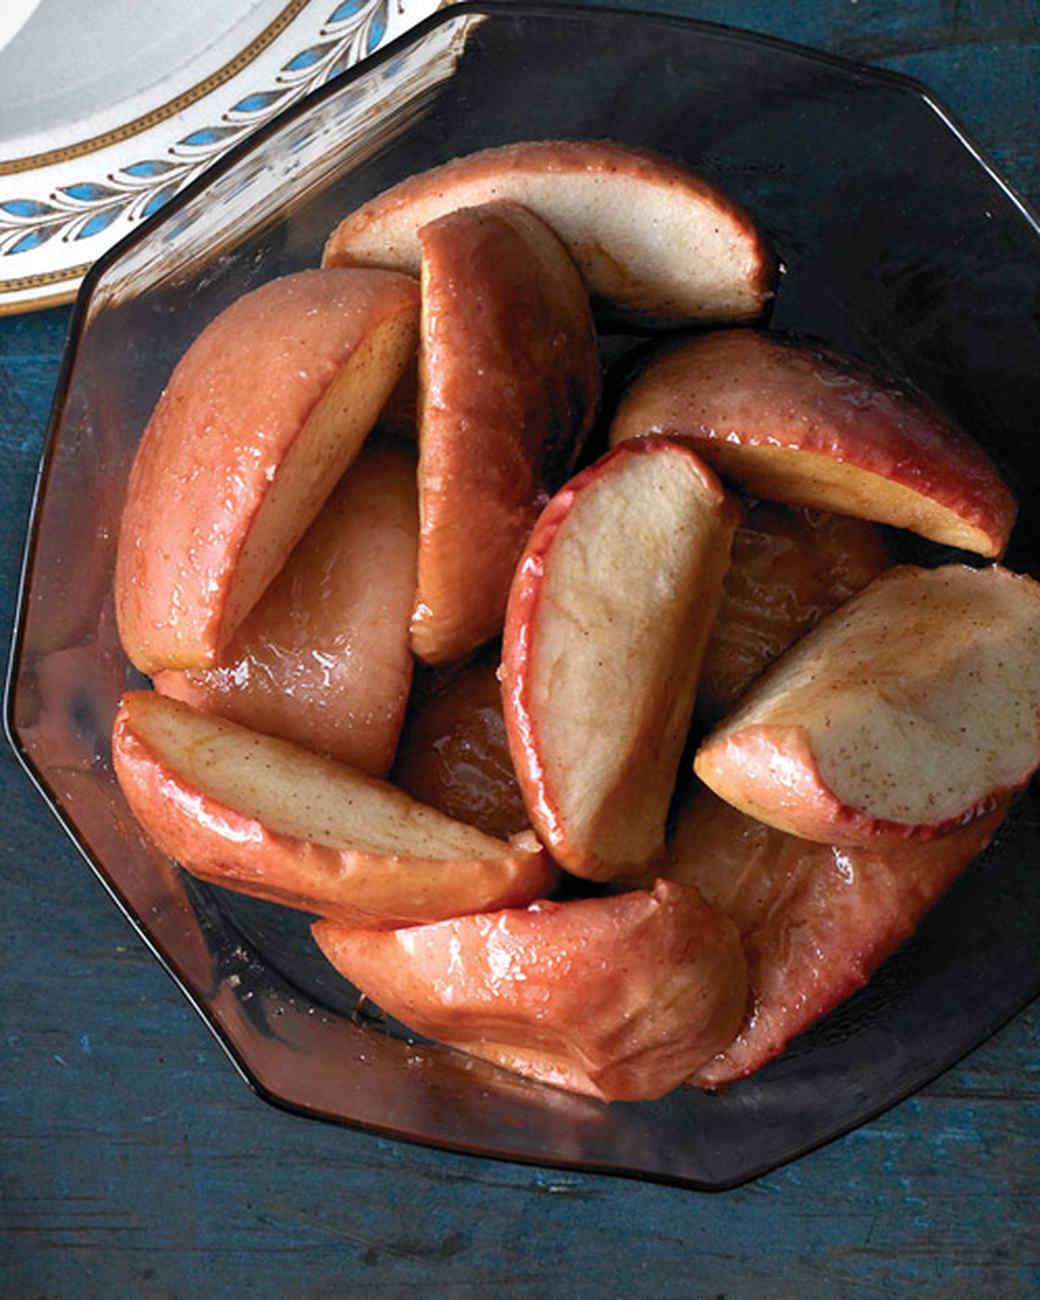 mld105100_1209_1209_roast_apples.jpg